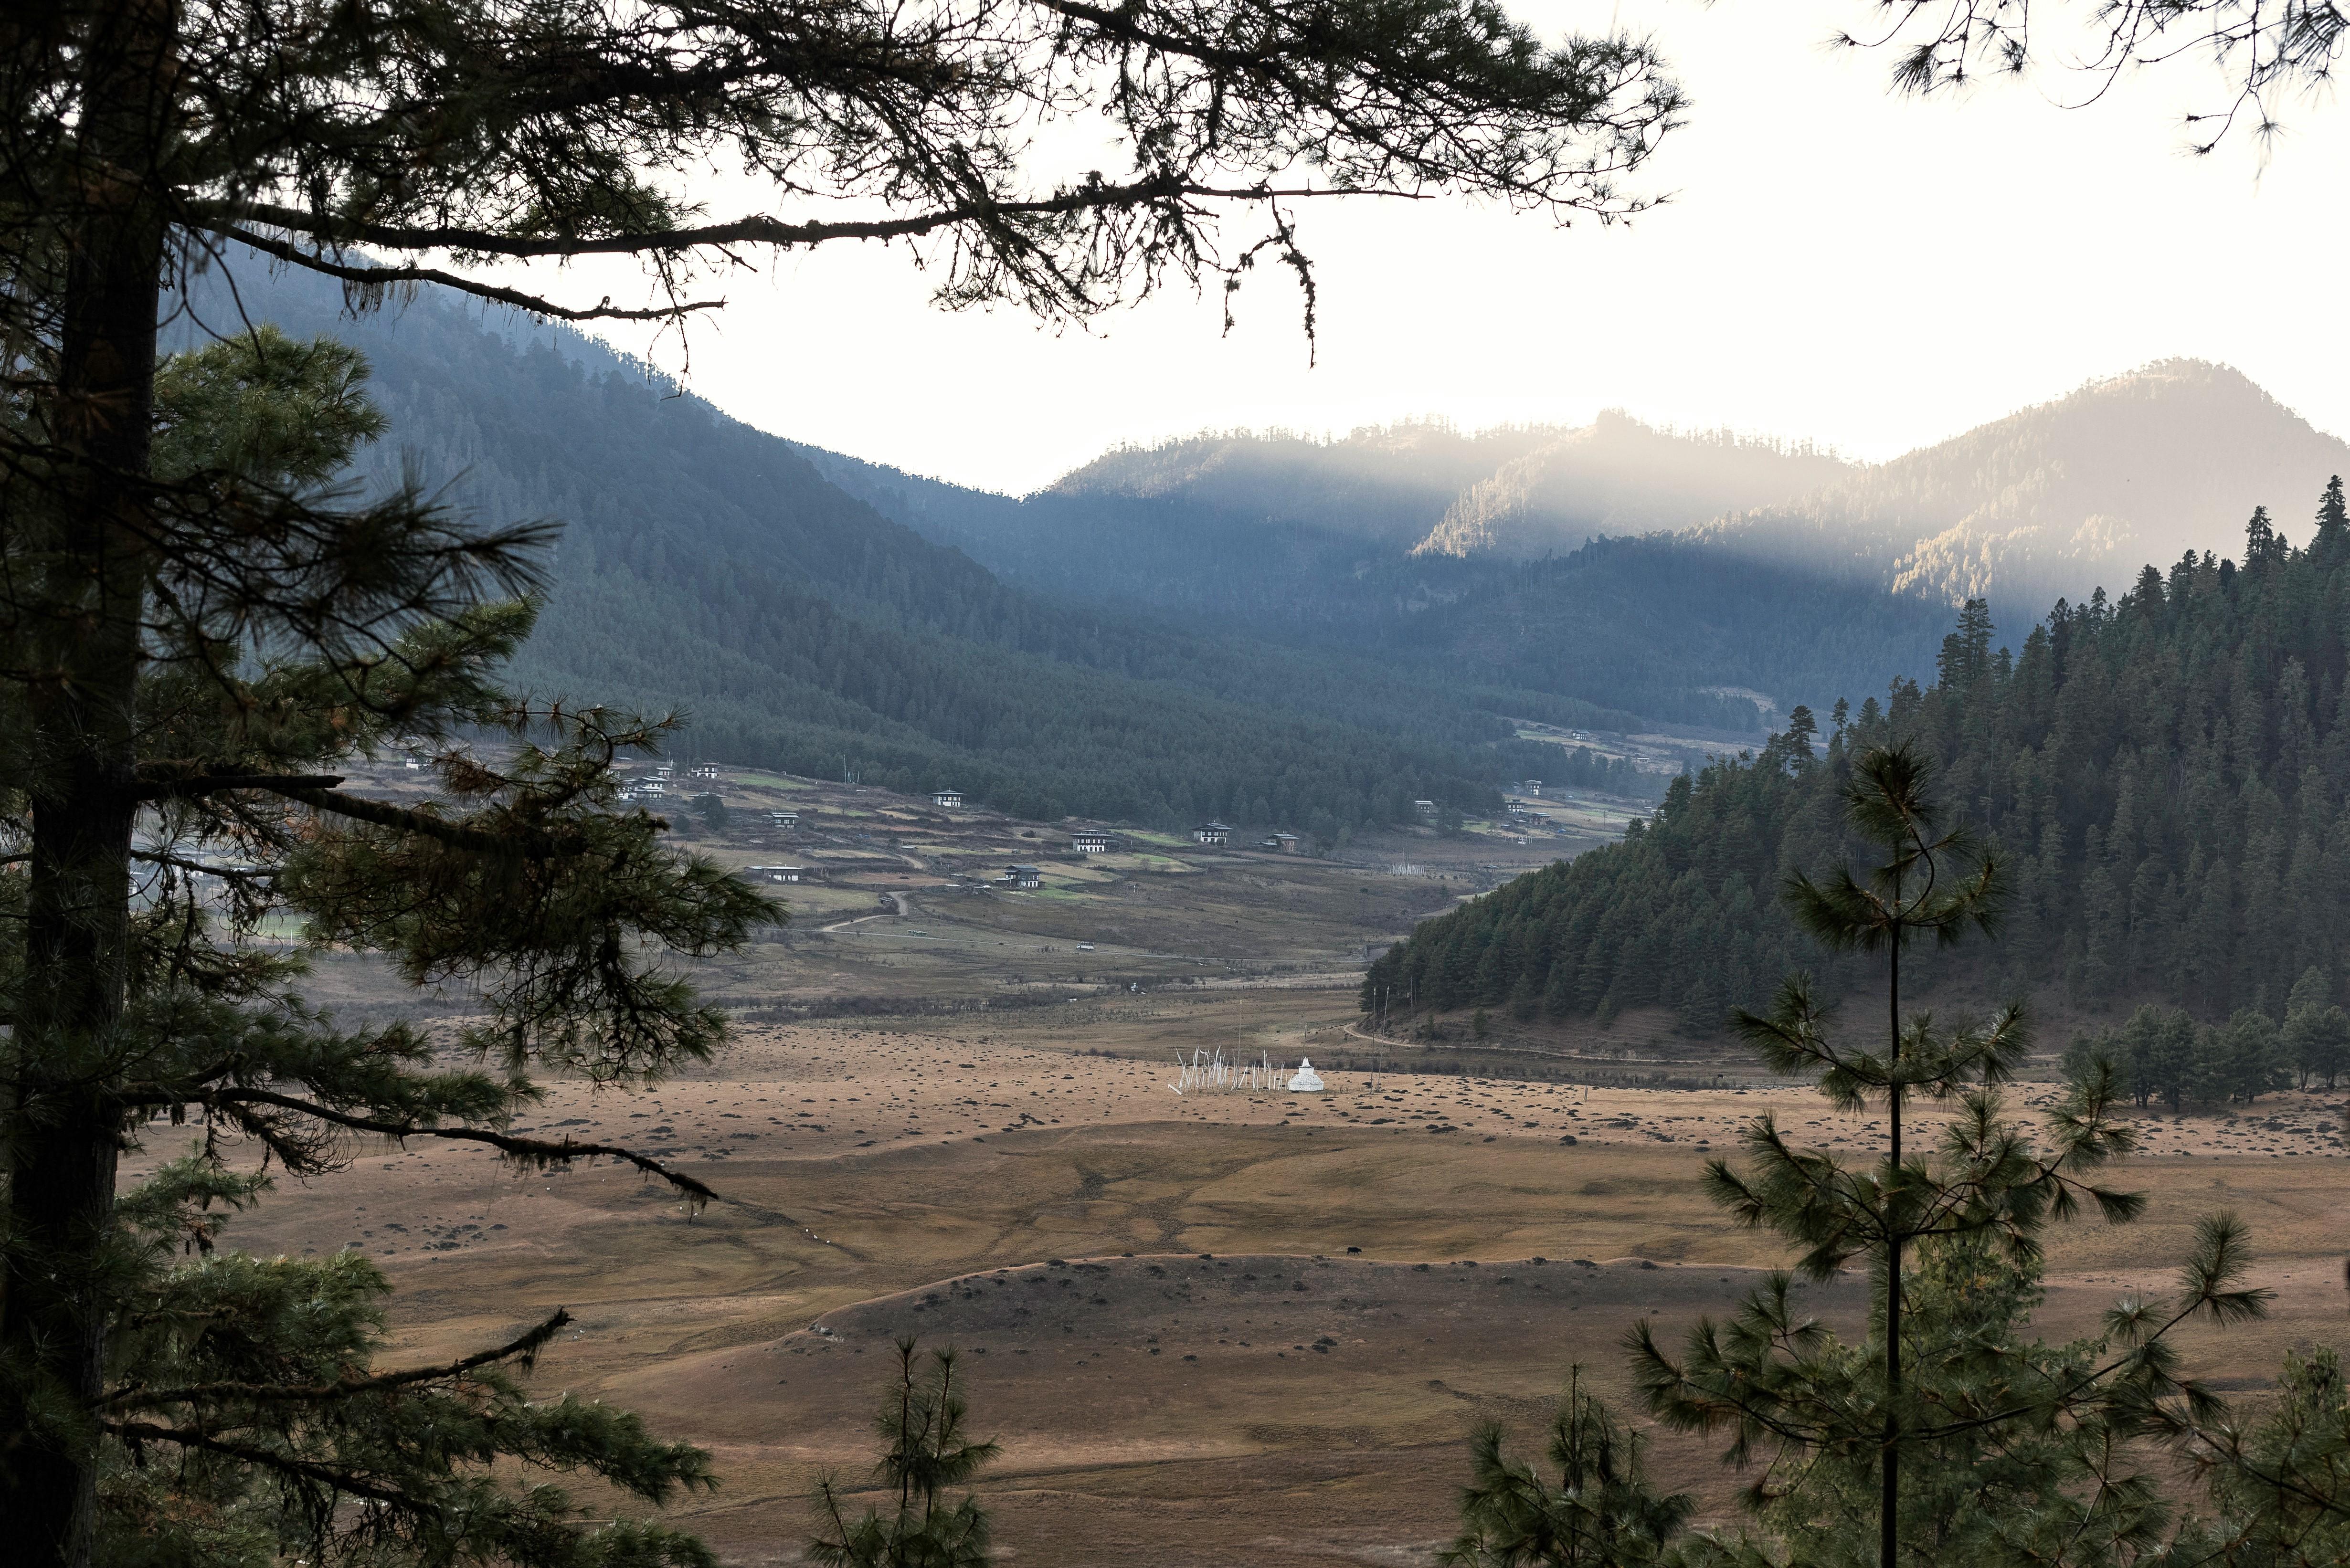 Algunas poblados se asientan en las afueras de las ciudades. En la imagen se puede ver el Valle de Phobjikha